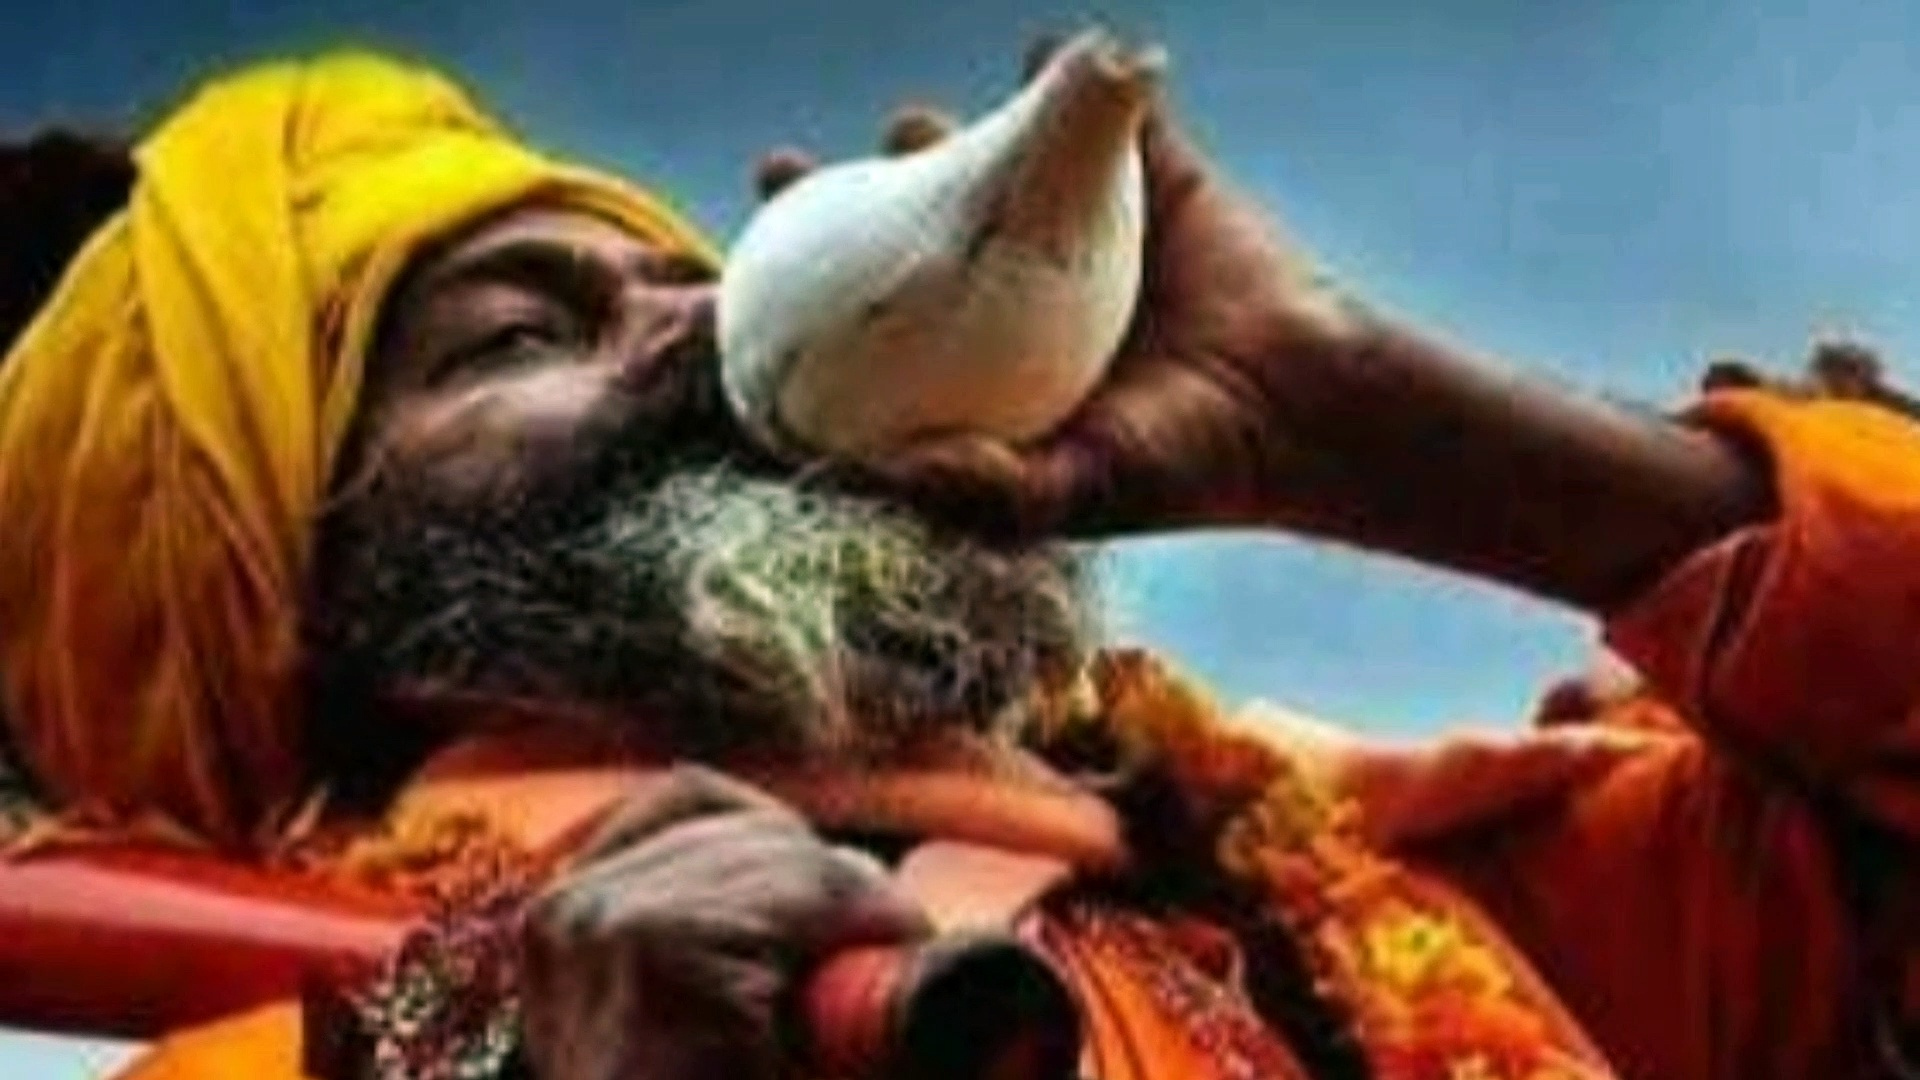 धातुरूपम् व उसके भेद | संस्कृत महाज्ञान | भाग — 1 | परस्मैपदी | आत्मनेपदी | उभयपदी | The Gyan Kumbh.